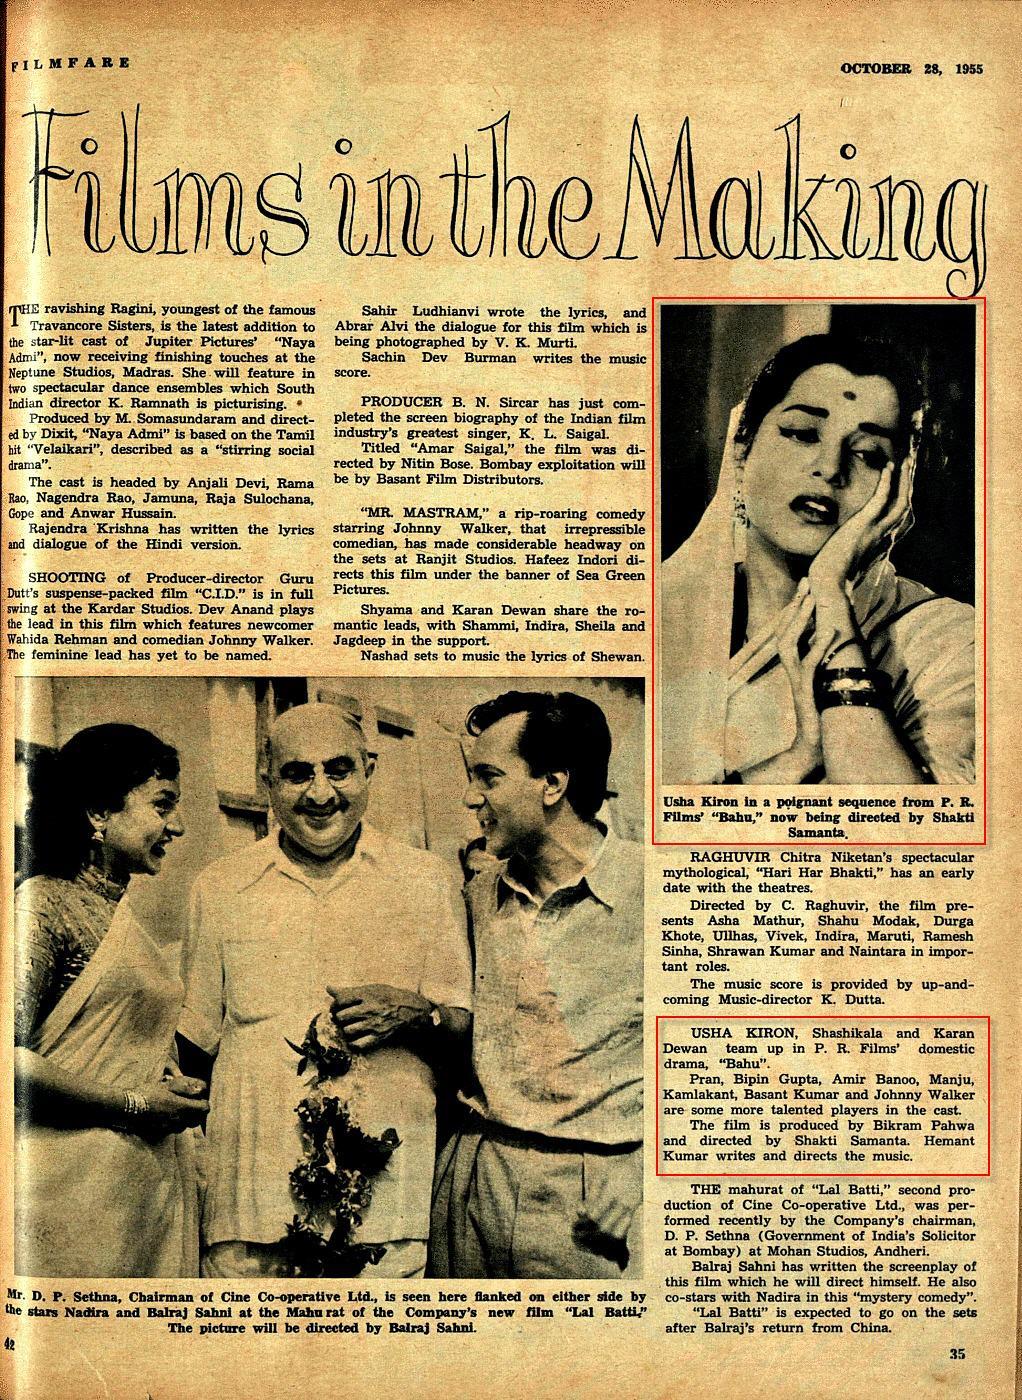 Bahu mentioned in Filmfare